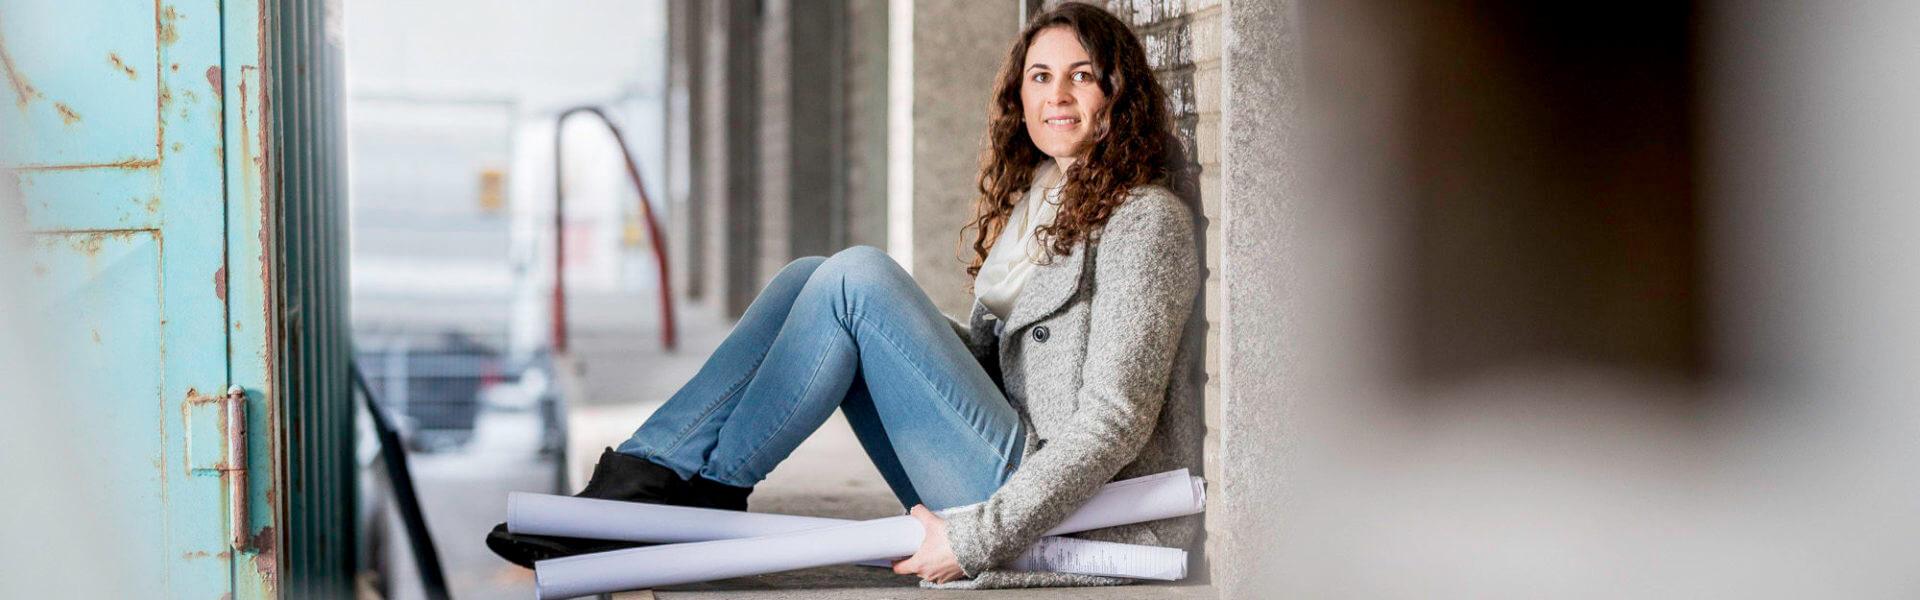 Wirtschaftsinformatikerin Fachausweis Studentin Ausbildung